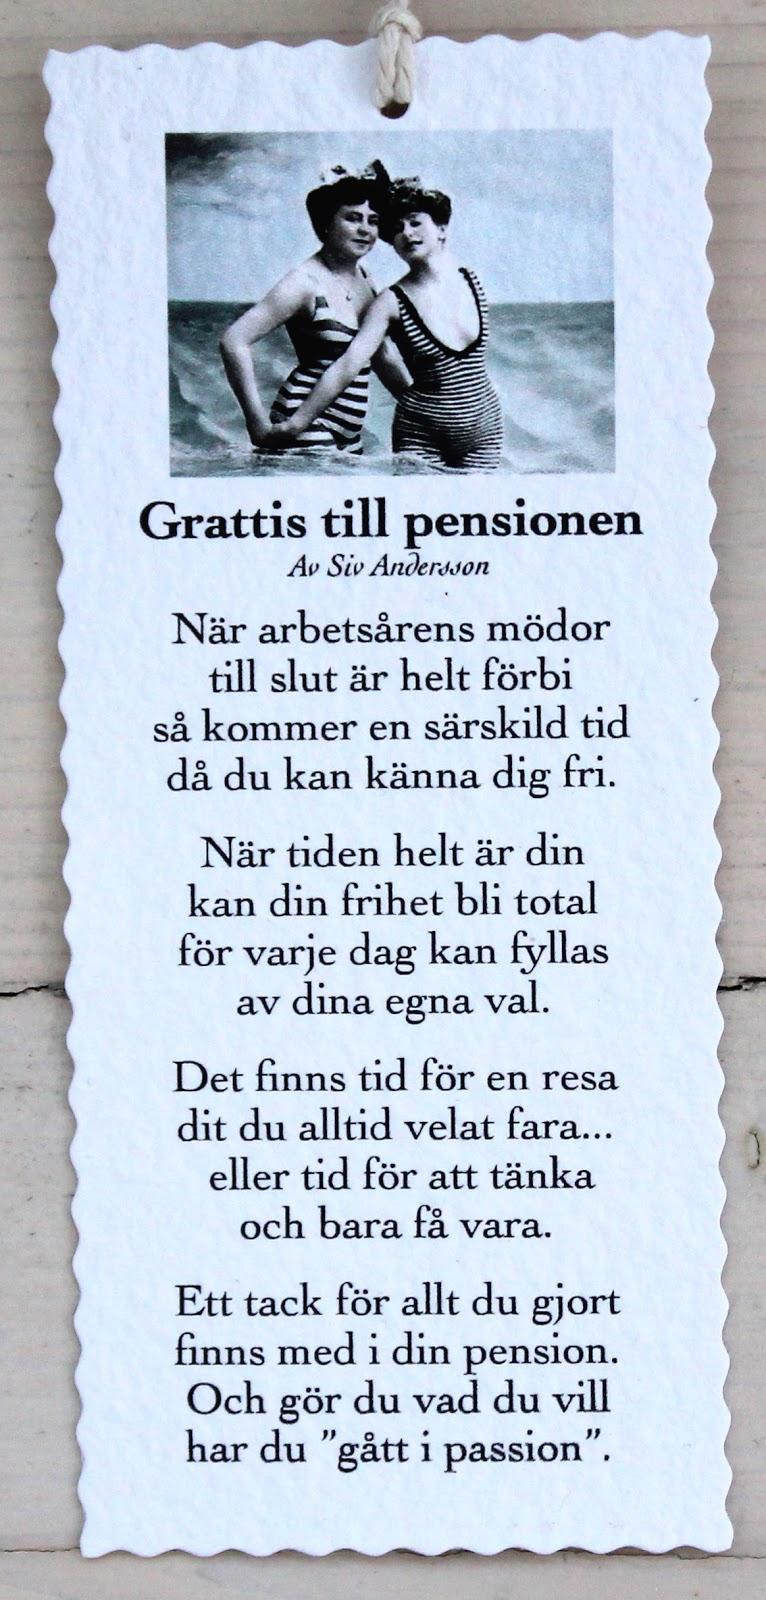 grattis till pensionen dikt Annas idéer bloggbutik grattis till pensionen dikt